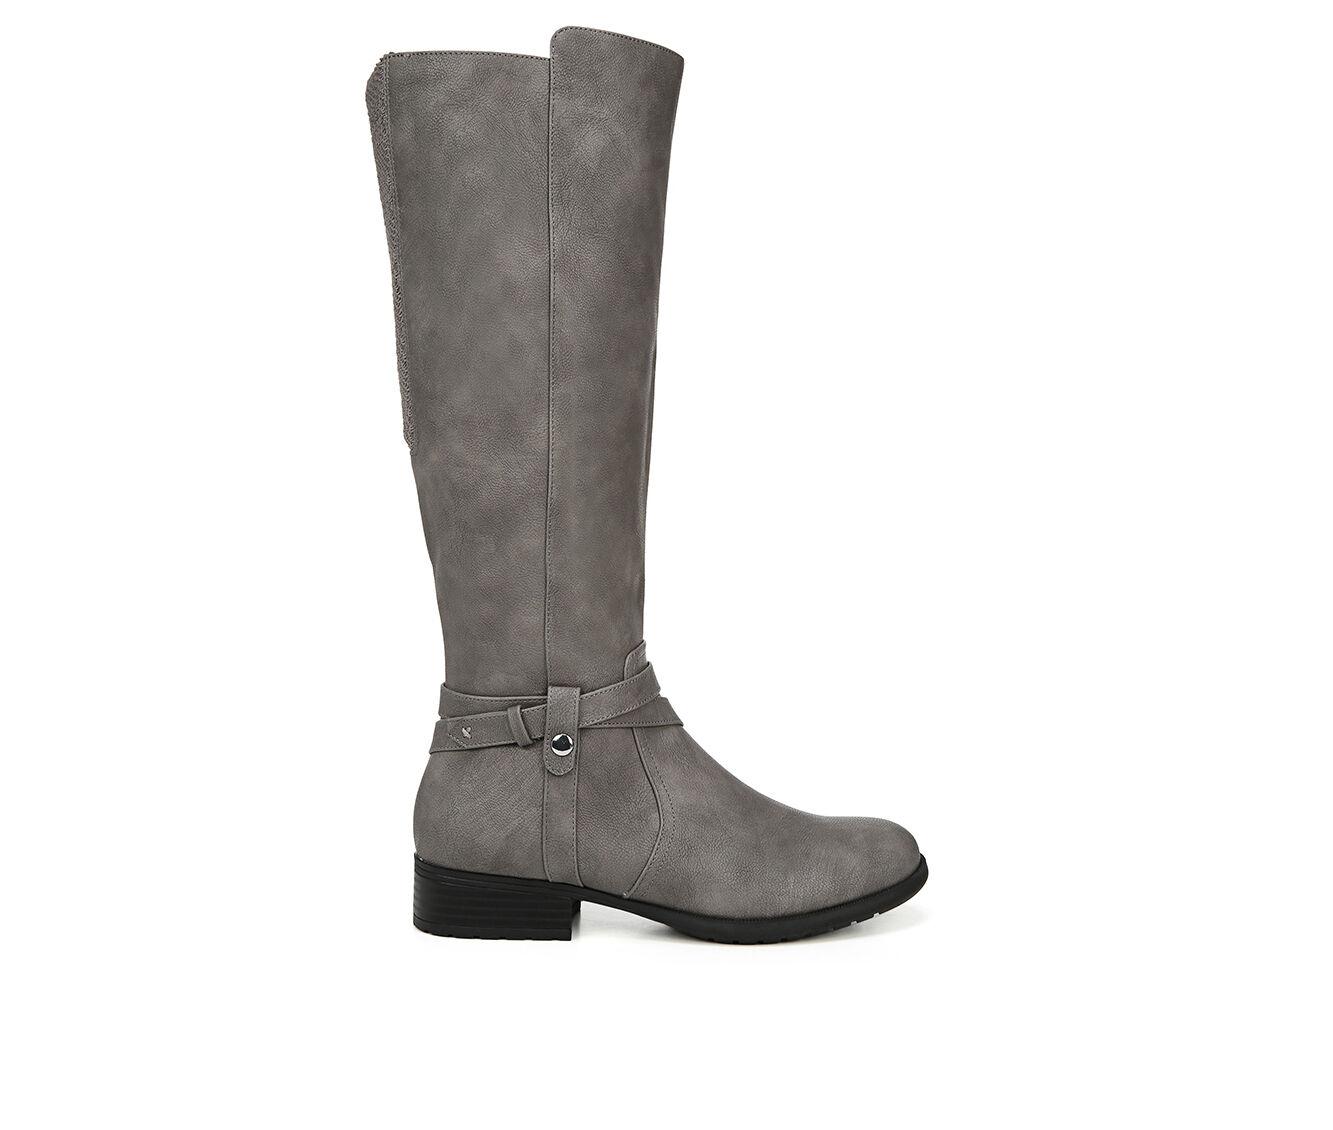 Women's LifeStride Xtrovert Wide Calf Riding Boots Grey